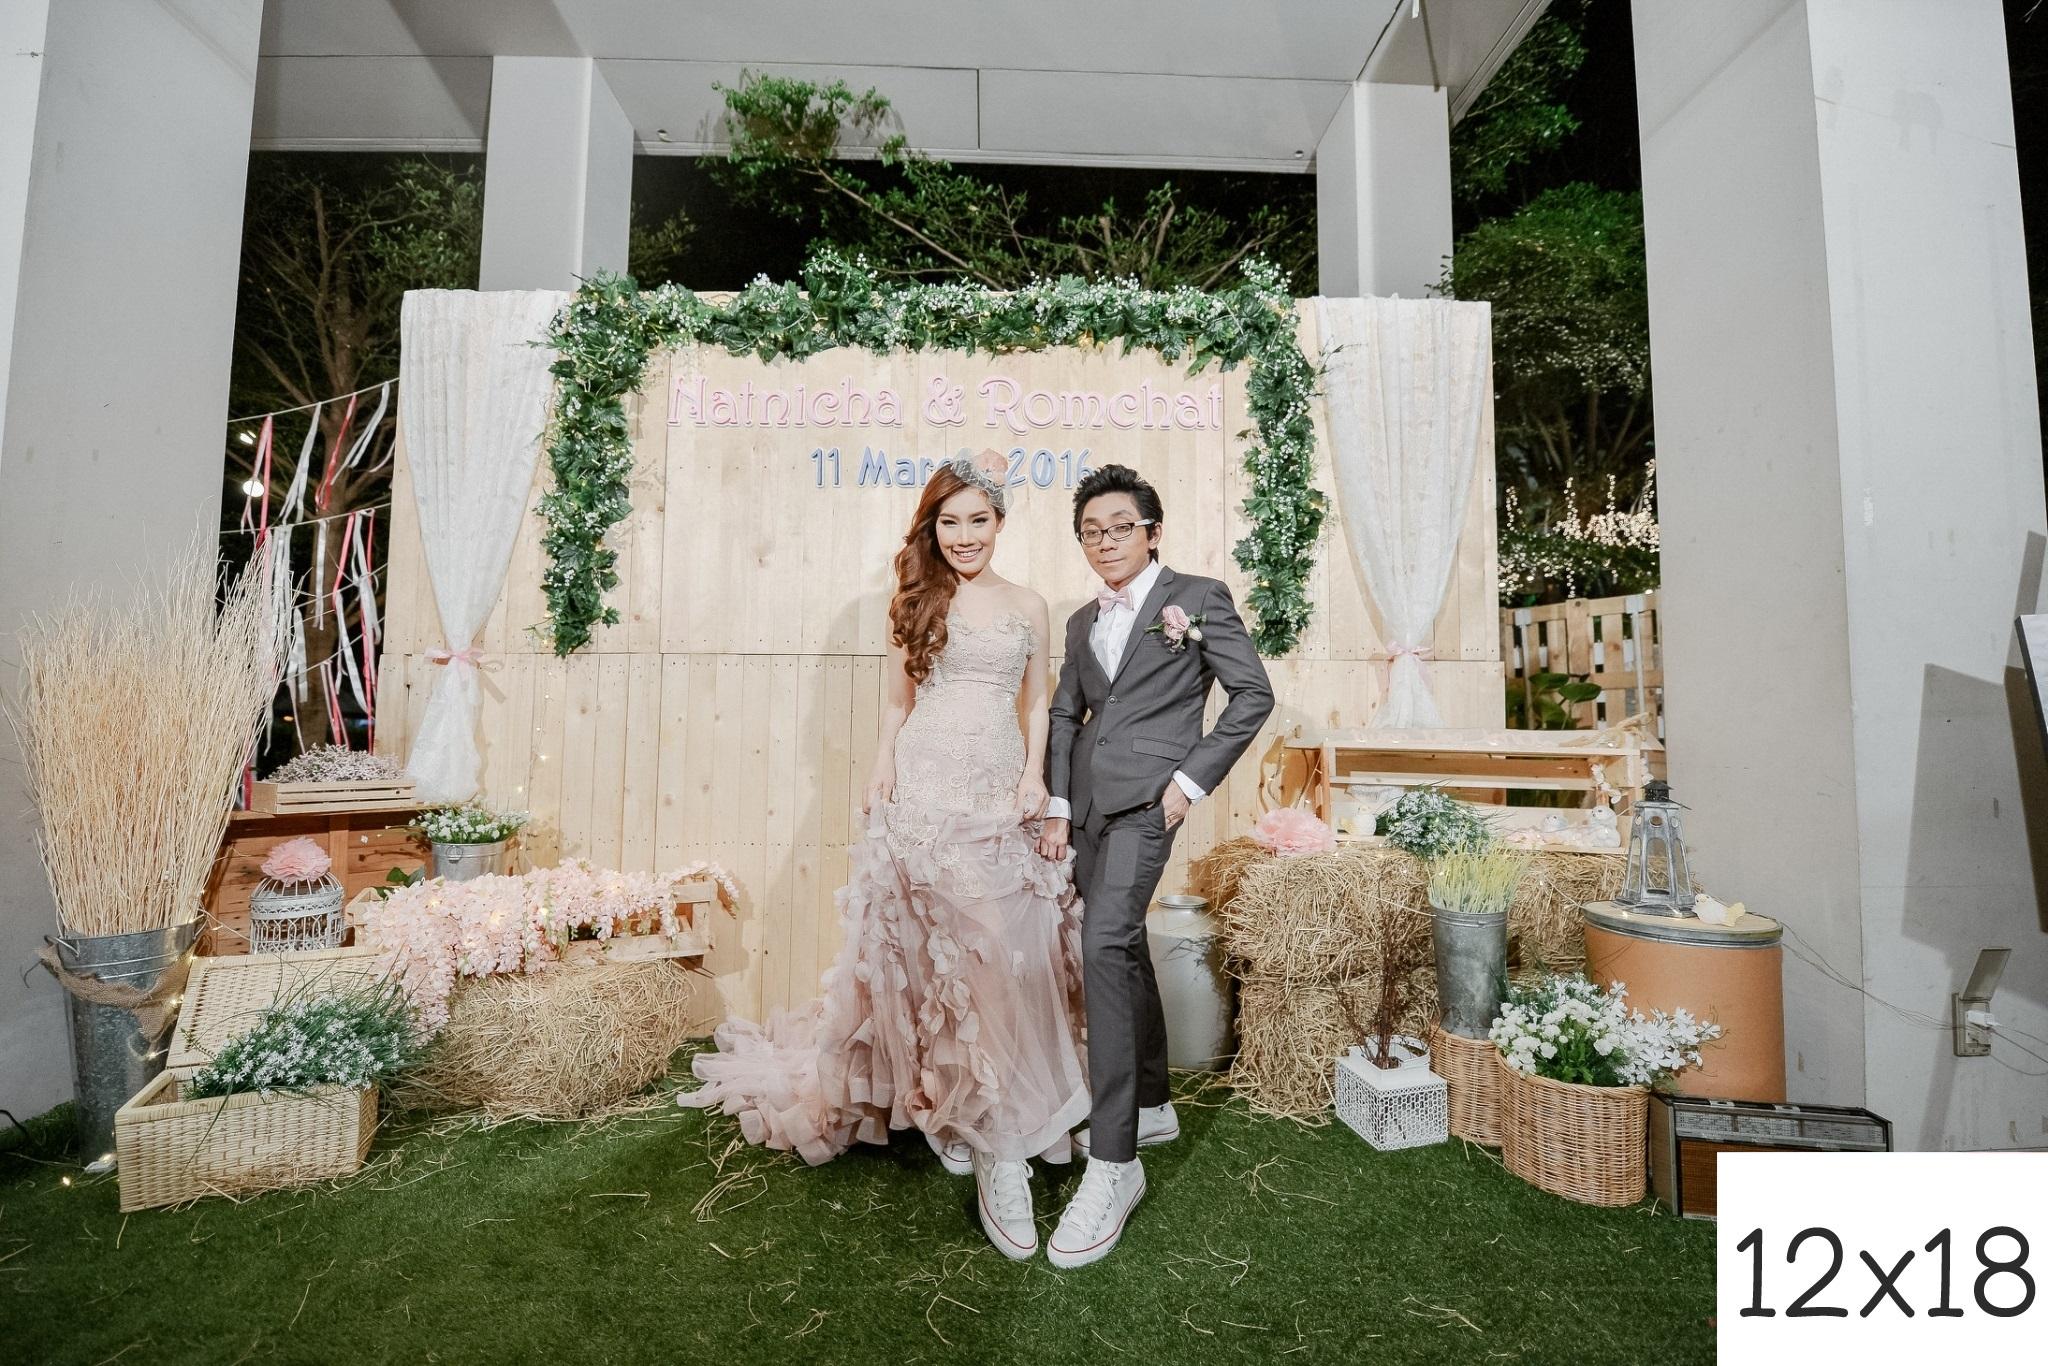 รูปแต่งงาน อัดรูปออนไลน์ ล้างรูปราคาถูก ขนาดอัดรูป 12x18